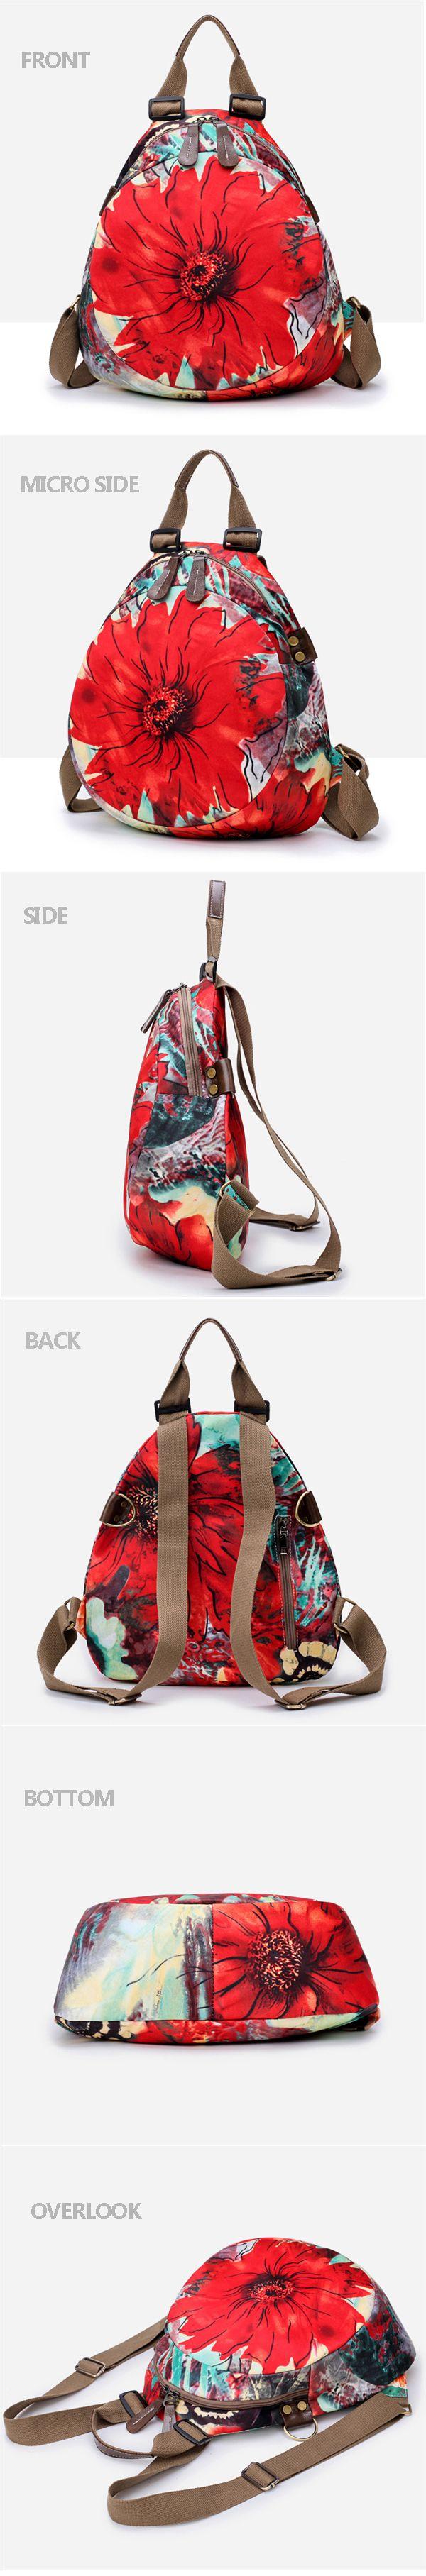 Multifunctional Flower Pattern Waterproof Bag Backpack Shoulder Bags Handbag For Women